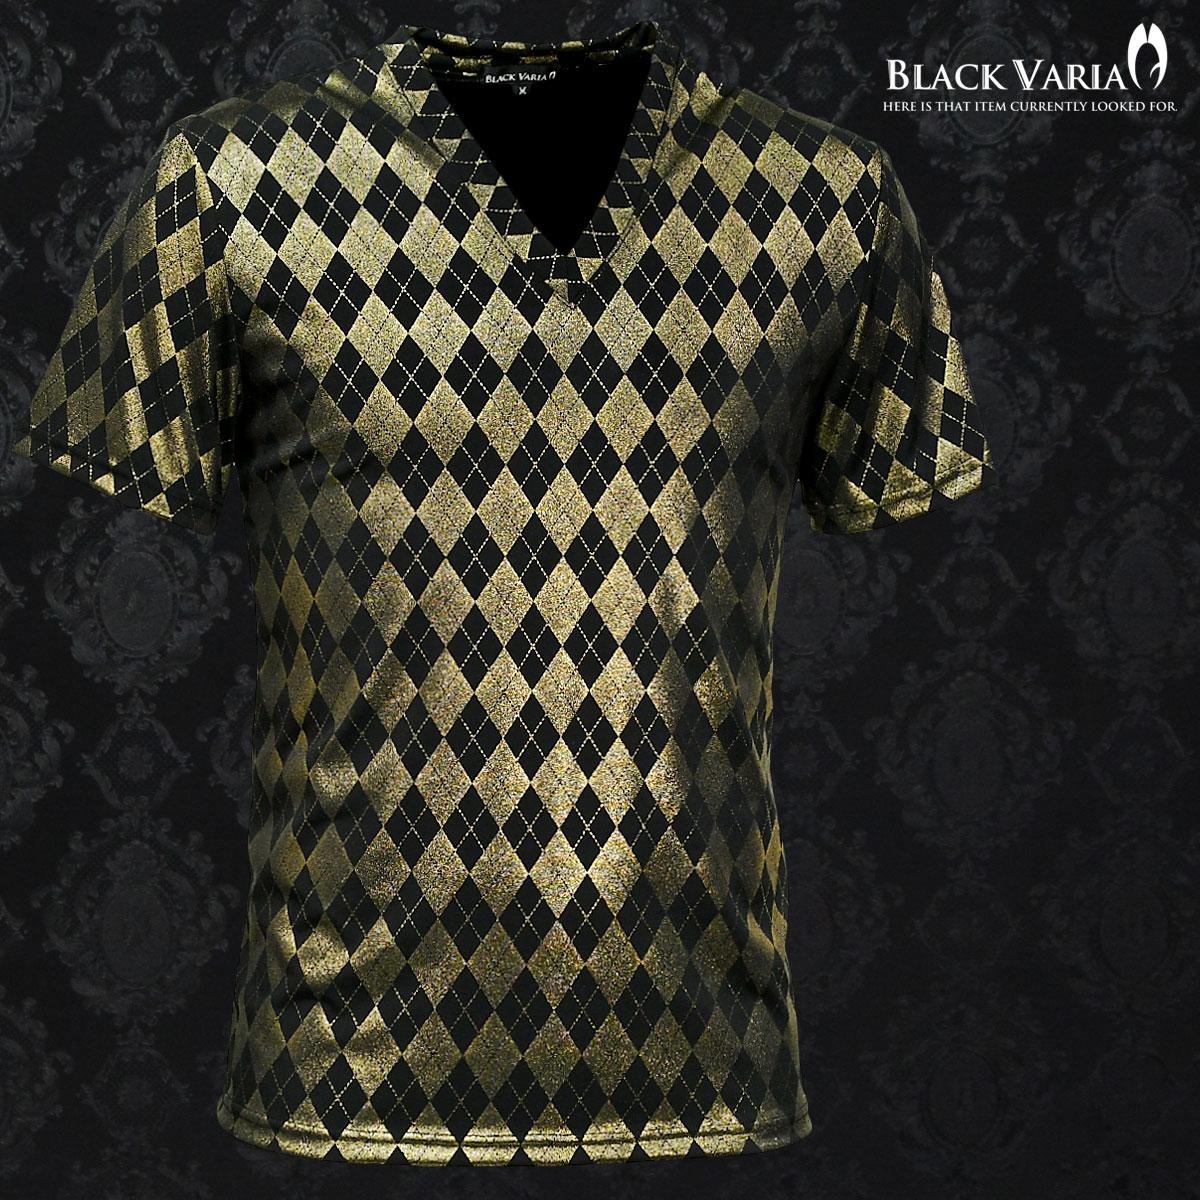 Tシャツ Vネック アーガイル ラメ メンズ 日本製 ダイヤ柄 ストレッチ スリム 半袖 mens(ゴールド金ブラック黒)